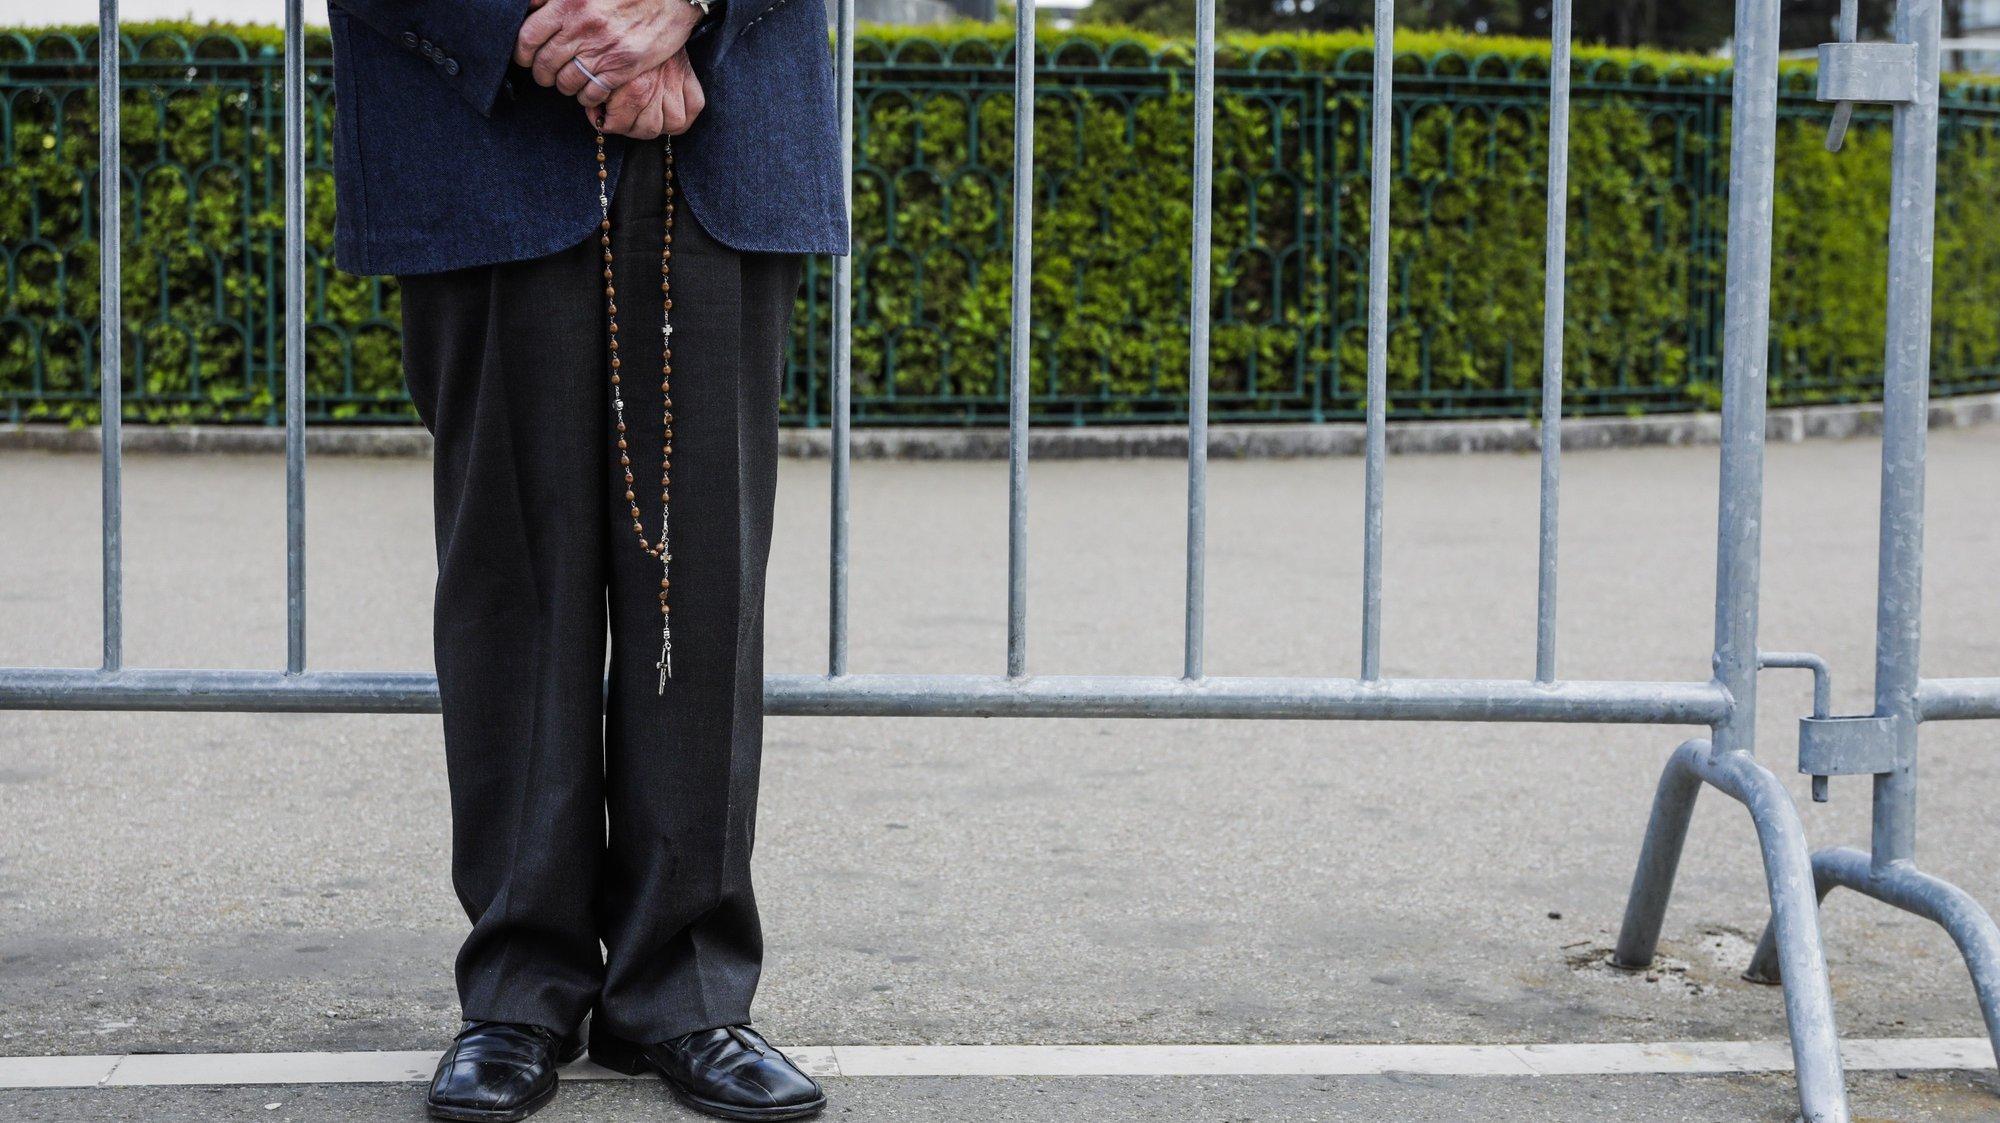 Um peregrino reza no Santuário de Fátima, no inicio da peregrinação internacional dos dias 12 e 13 de maio que vai ser celebrada com lotação limitada a 7500 pessoas, devido às restrições impostas pela pandemia e será presidida pelo cardeal português D. José Tolentino Mendonça, em Fátima, Santarém, 12 de maio de 2021. PAULO CUNHA /LUSA